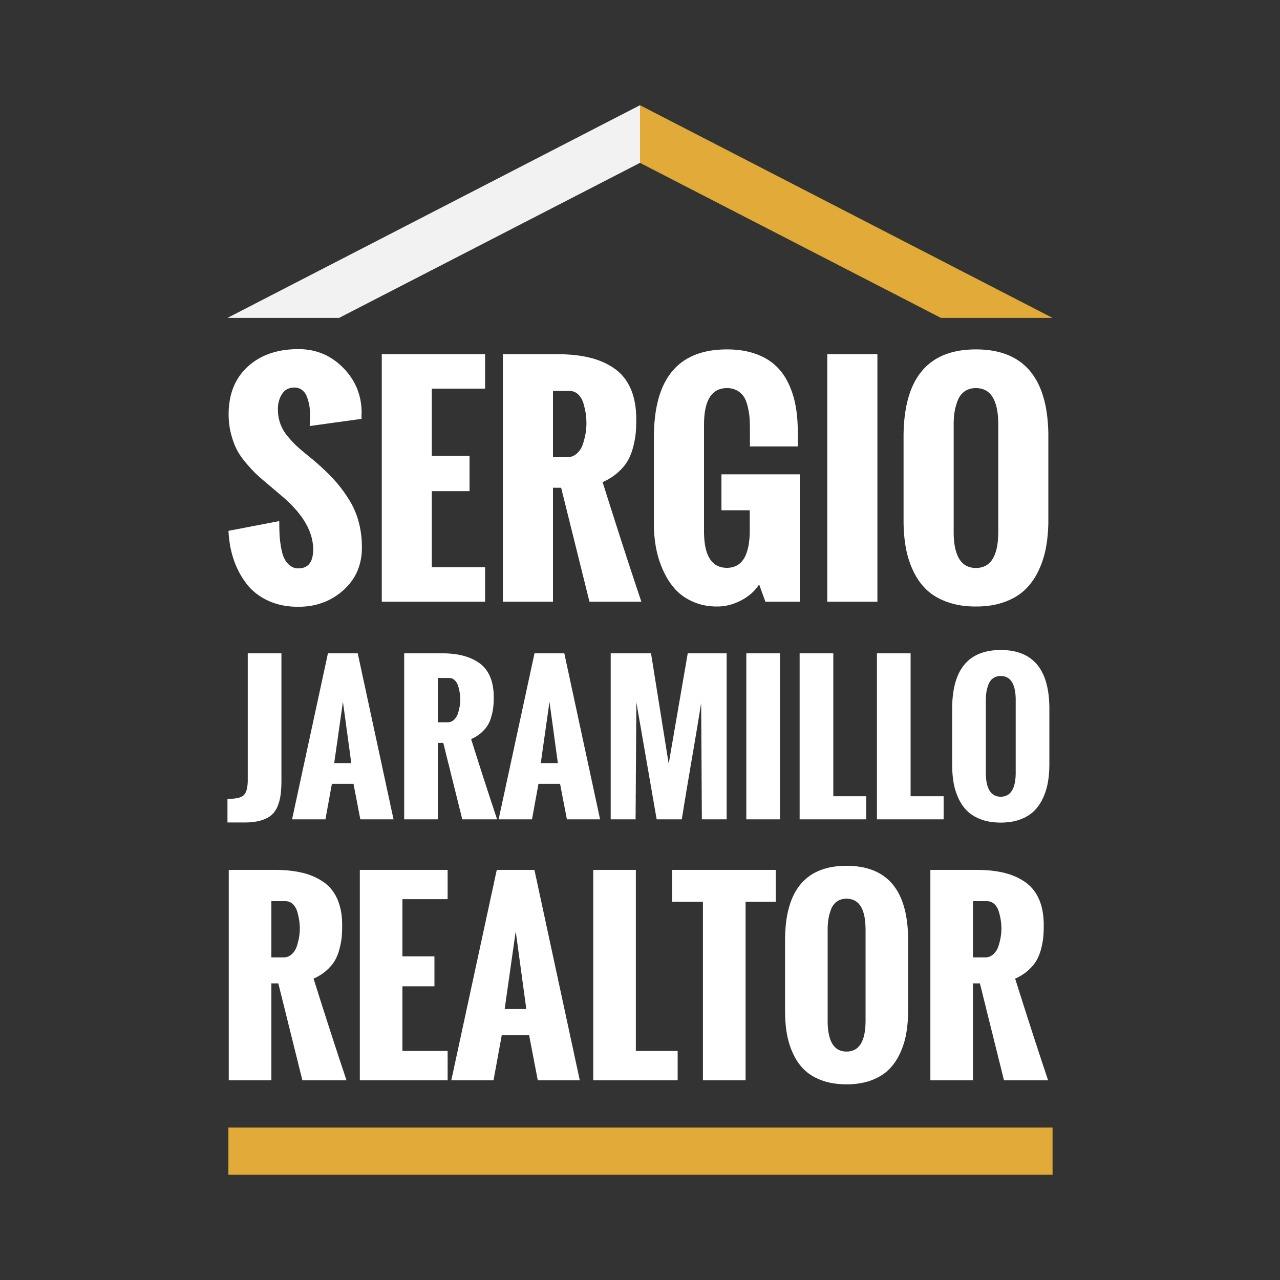 Bienvenidos a Sergio Jaramillo Realtor